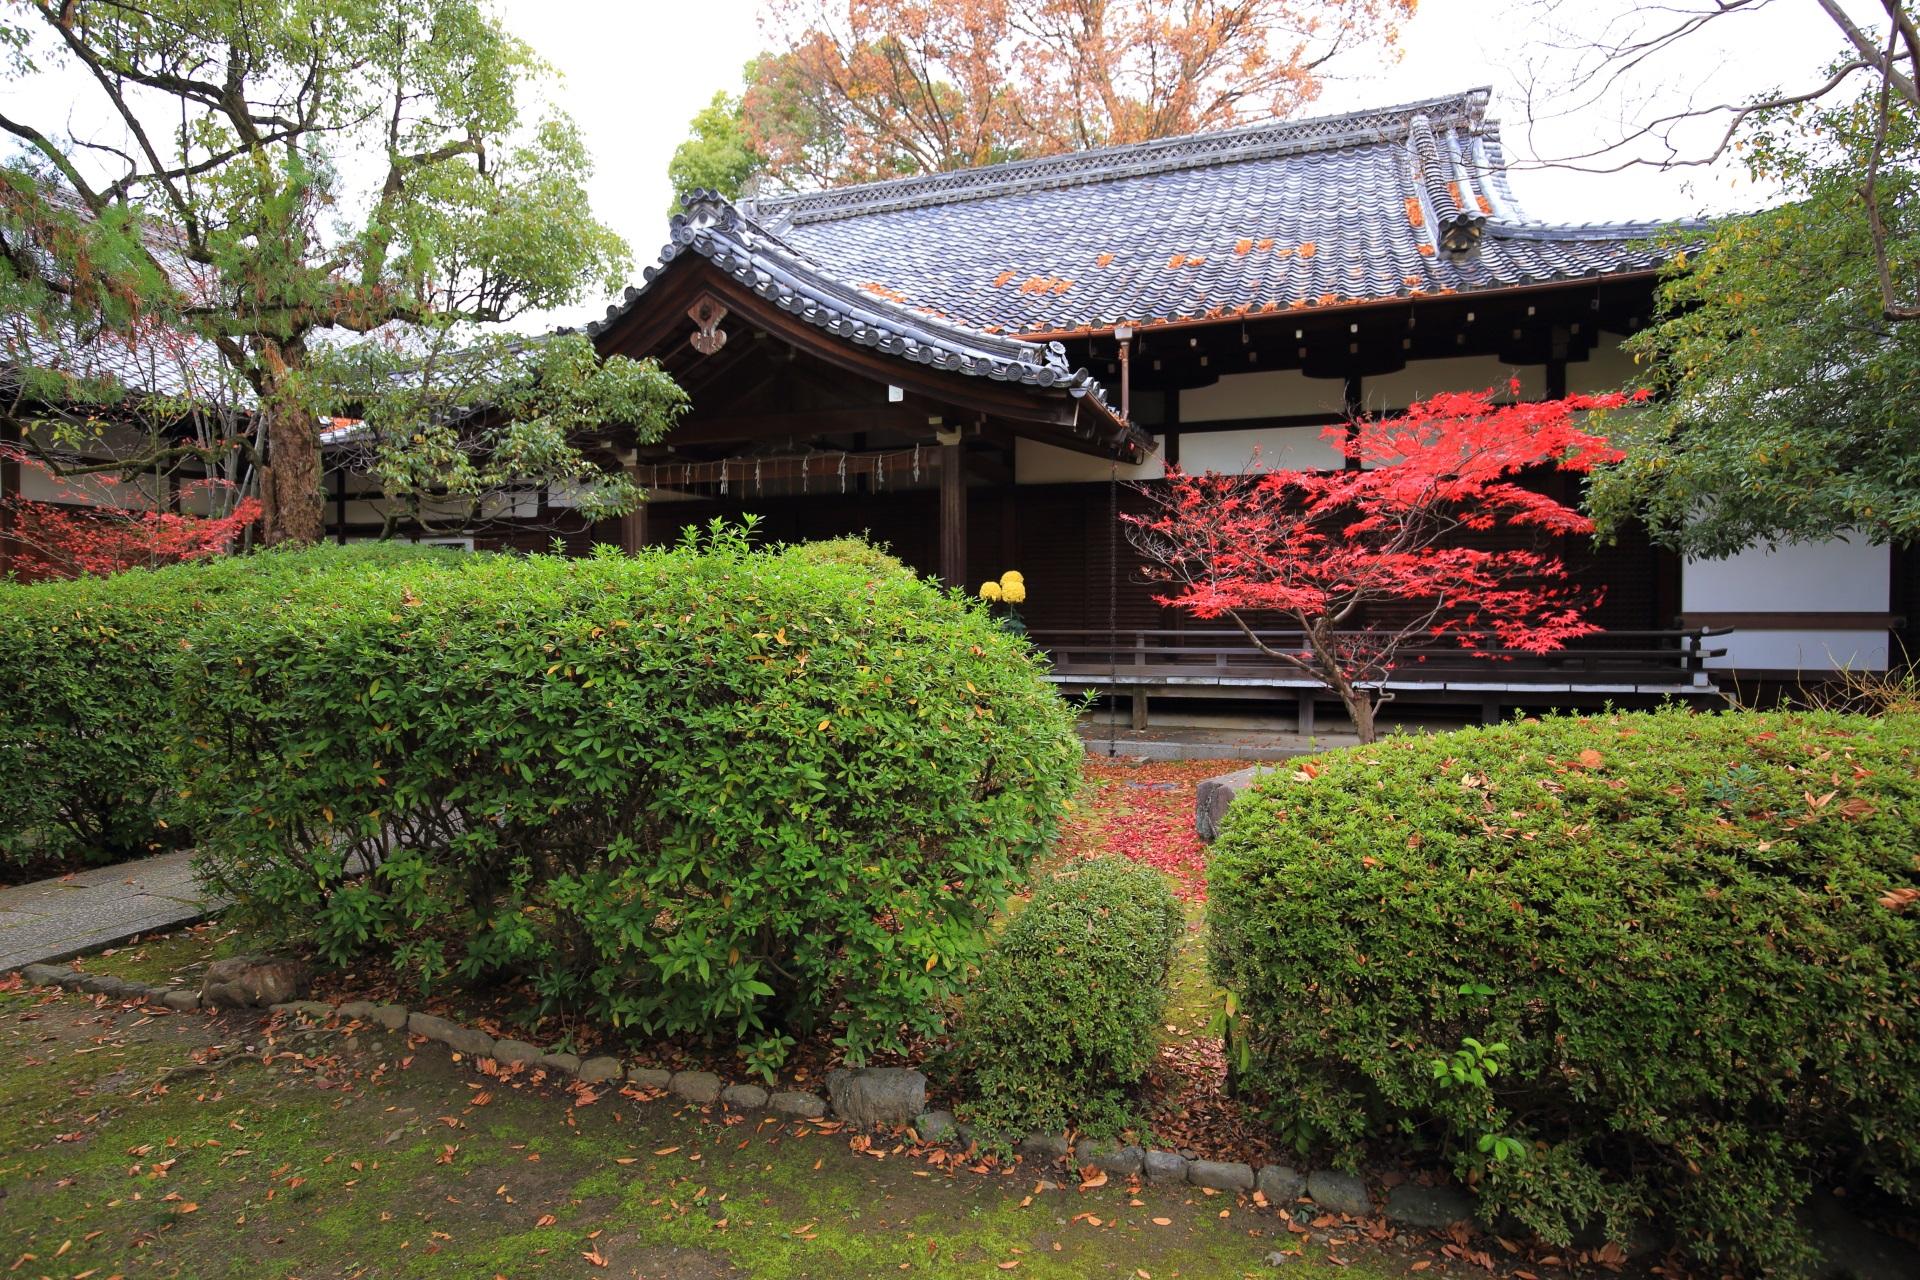 上御霊神社の落ち着いた緑の中で華やぐ赤い紅葉